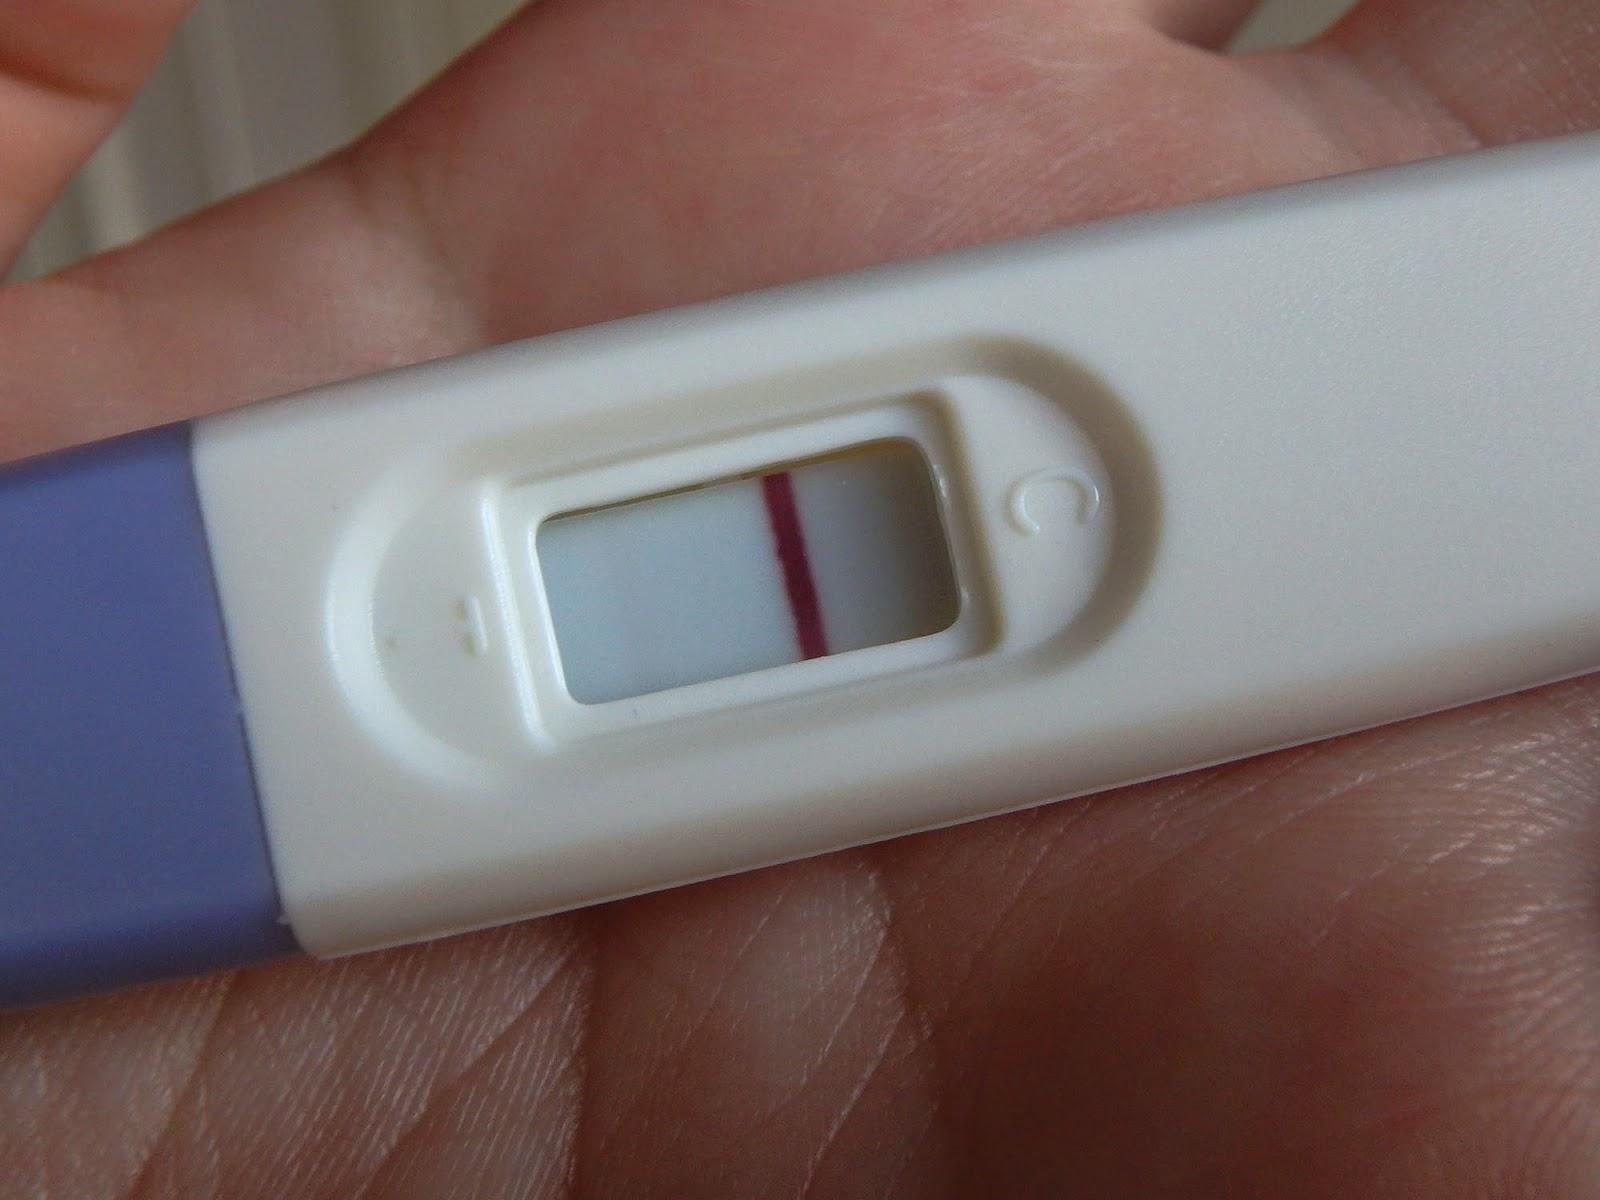 Menkkamaiset kivut ovulaatio